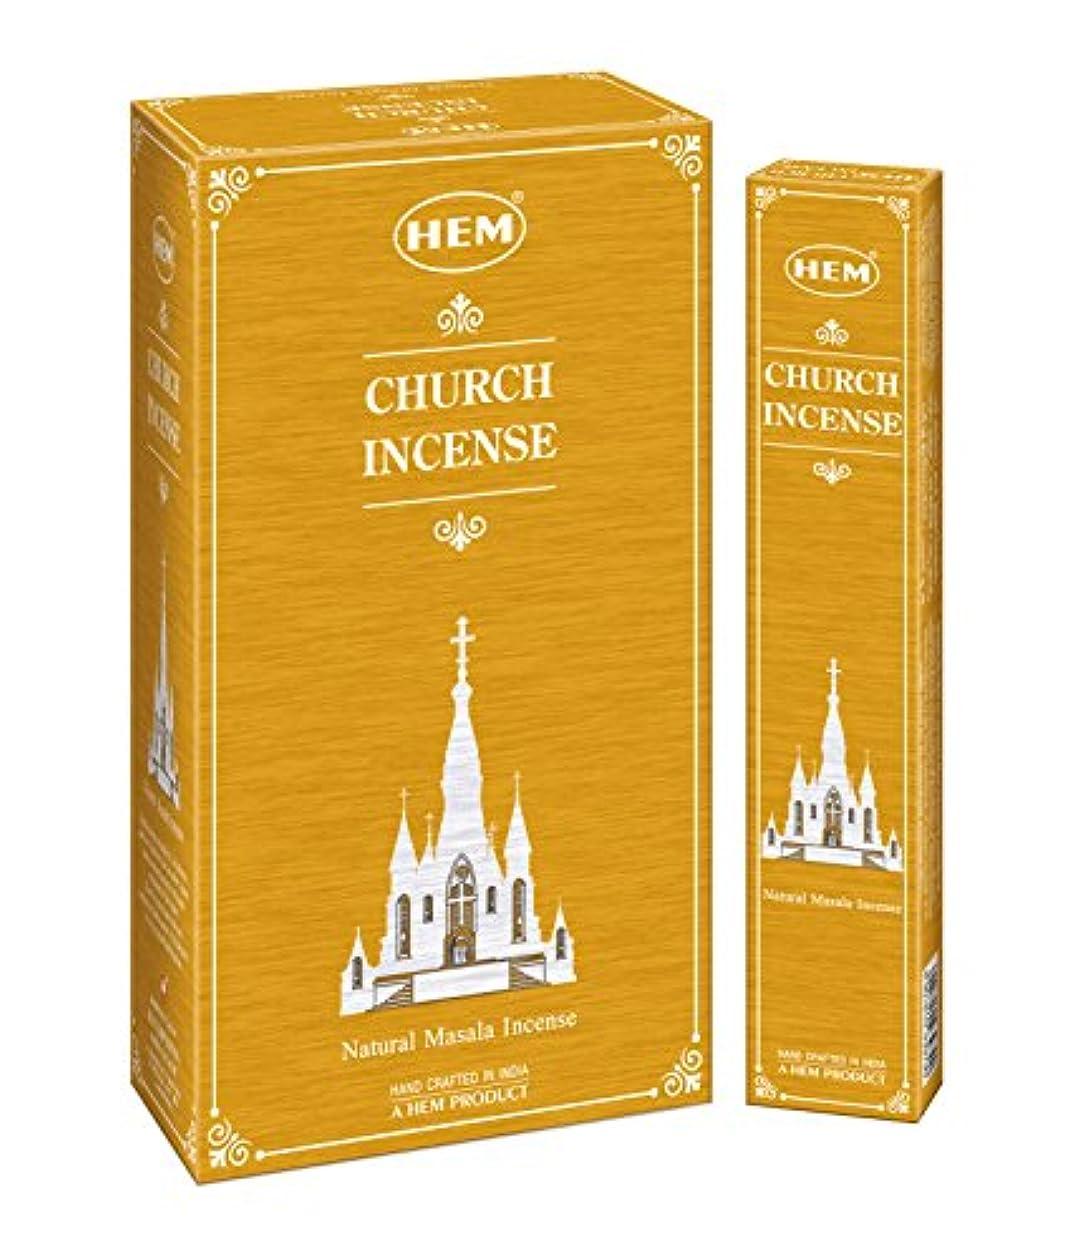 失礼なジャンクオンスHemお香新しくLaunched Exclusive Fragrance教会Masala Incense Sticksのセット12ボックス、15グラム各)